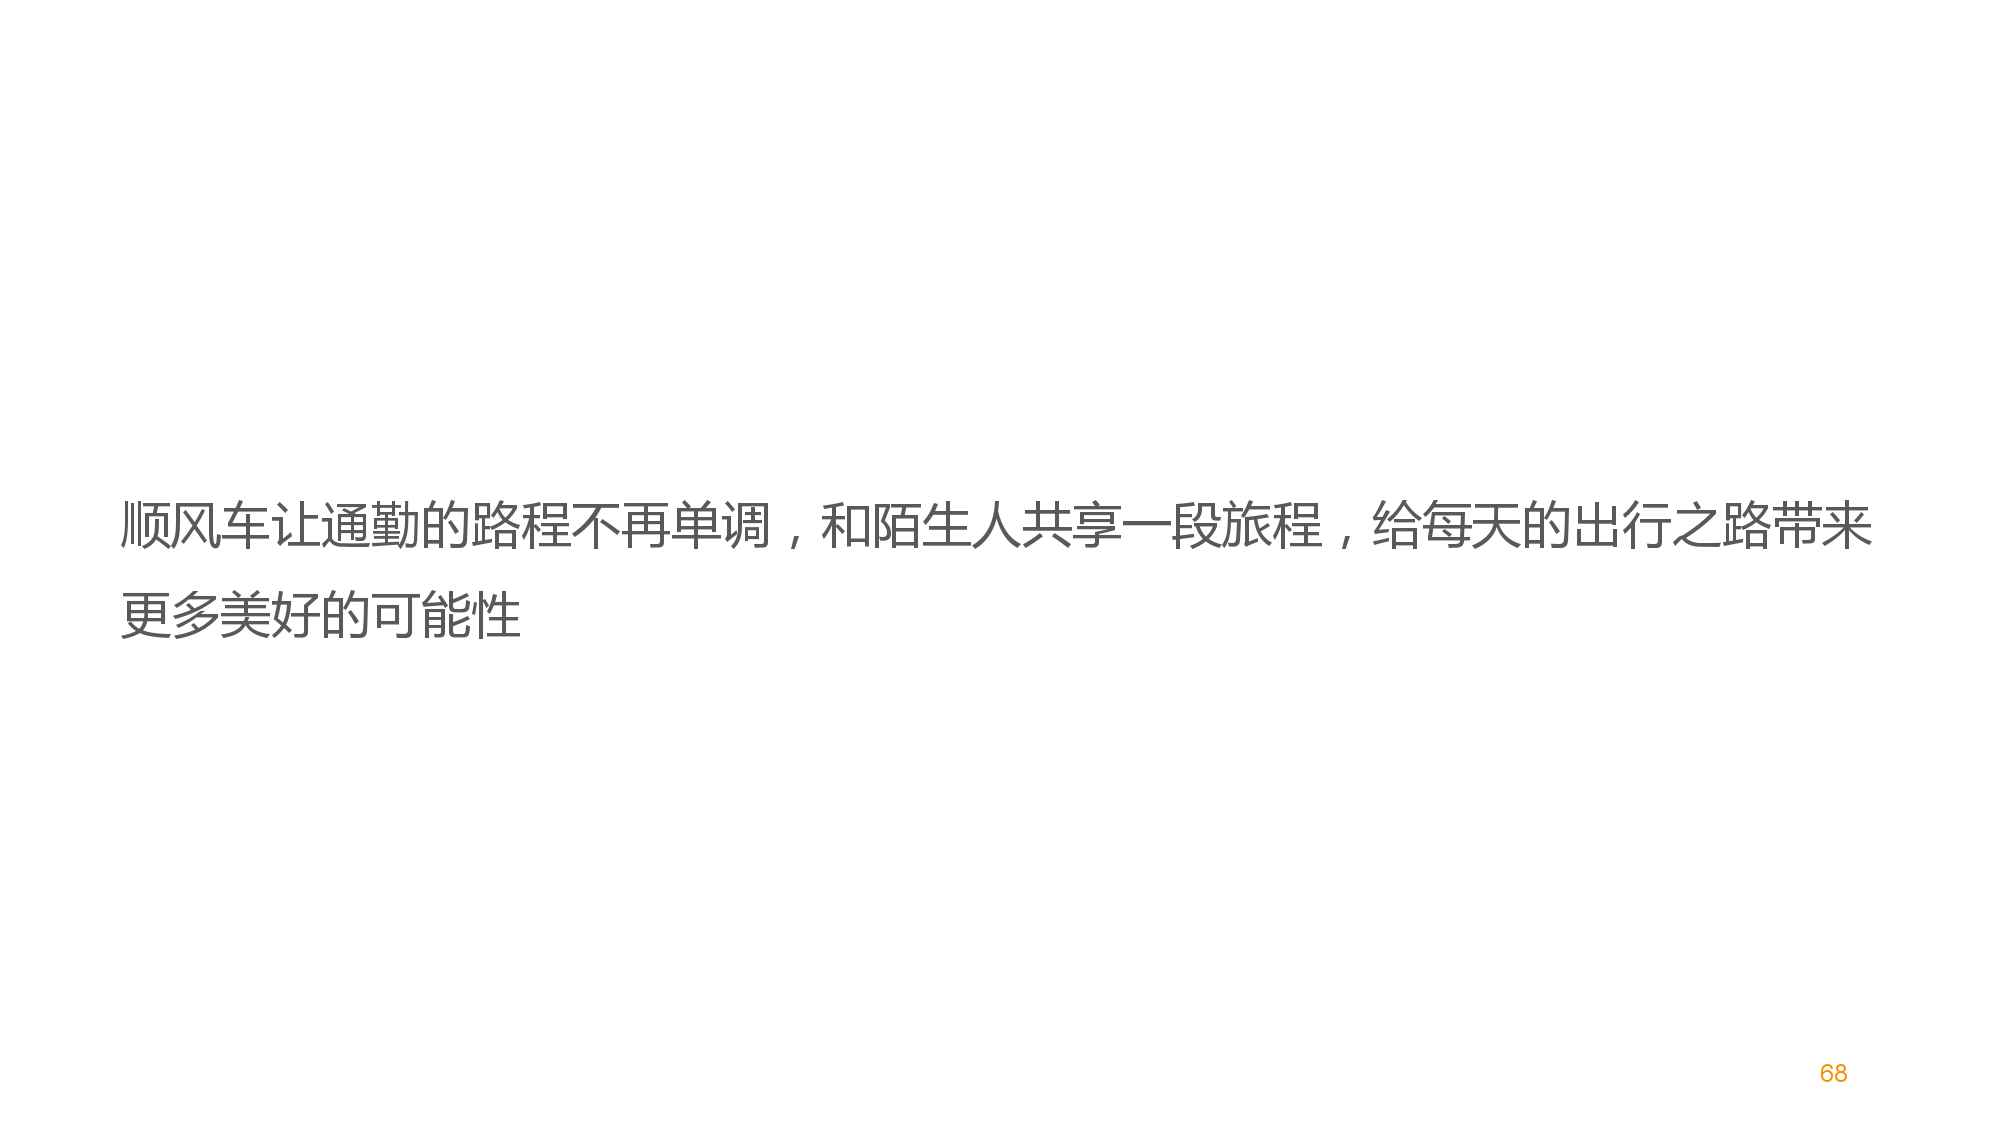 中国智能出行2015大数据报告_000068